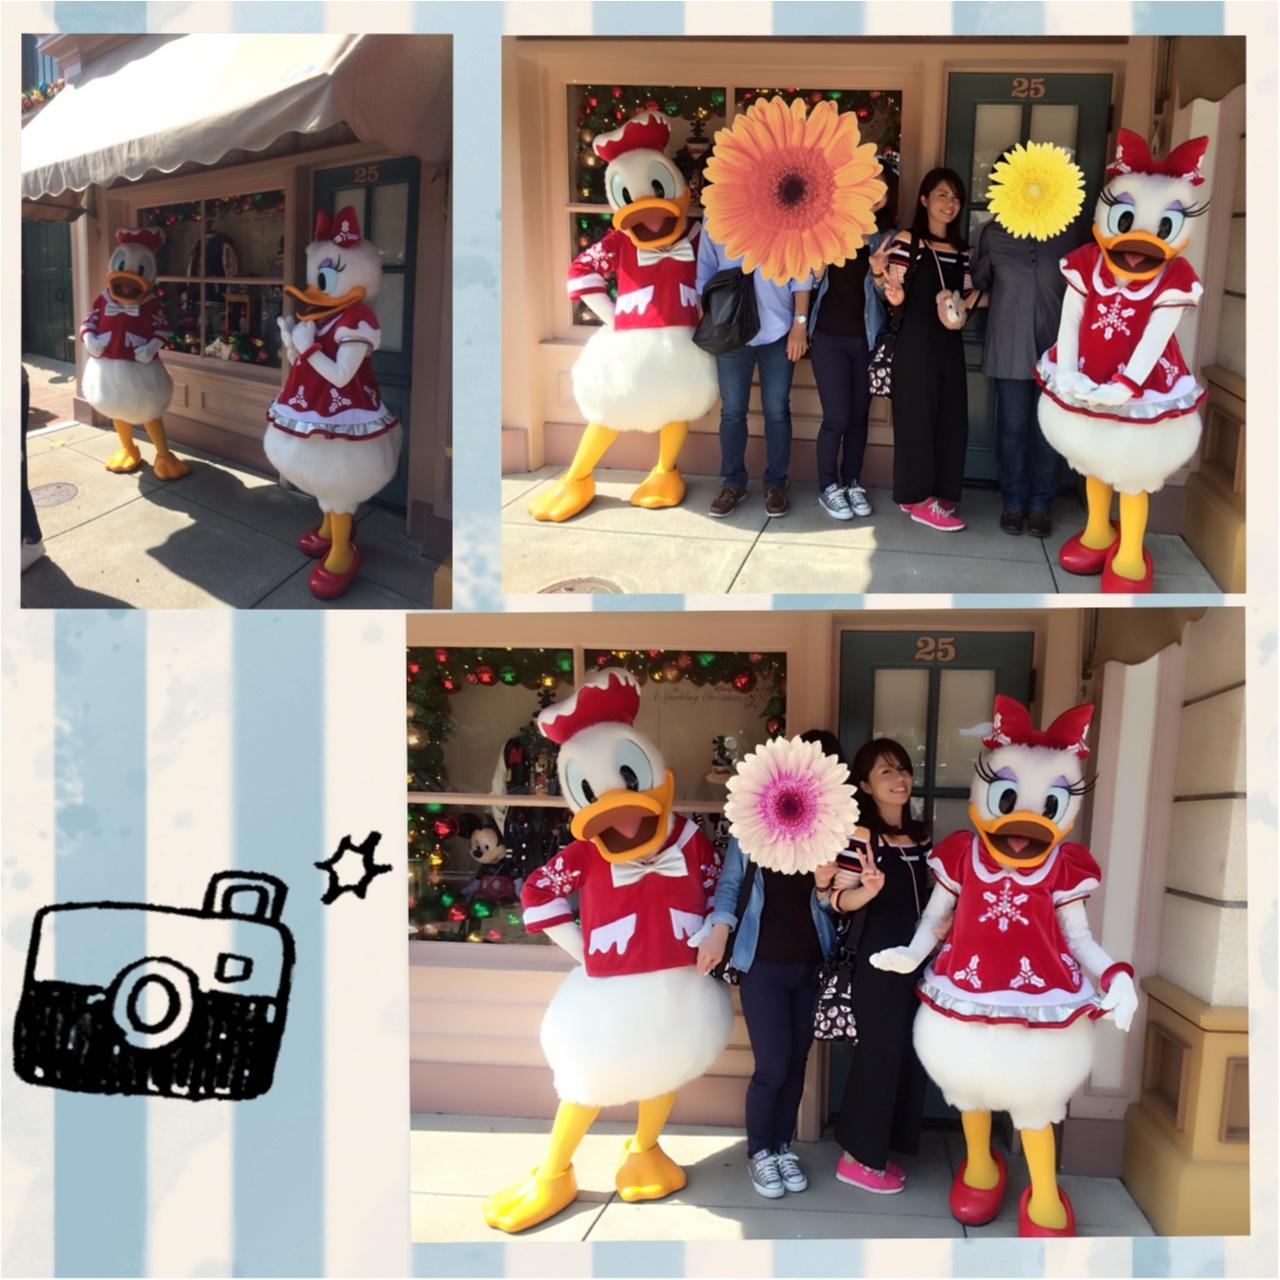 【vacation】グリーティング天国?!日本にはないものがたくさん!♡香港ディズニーランドを2倍楽しむ!おすすめポイント♡_3